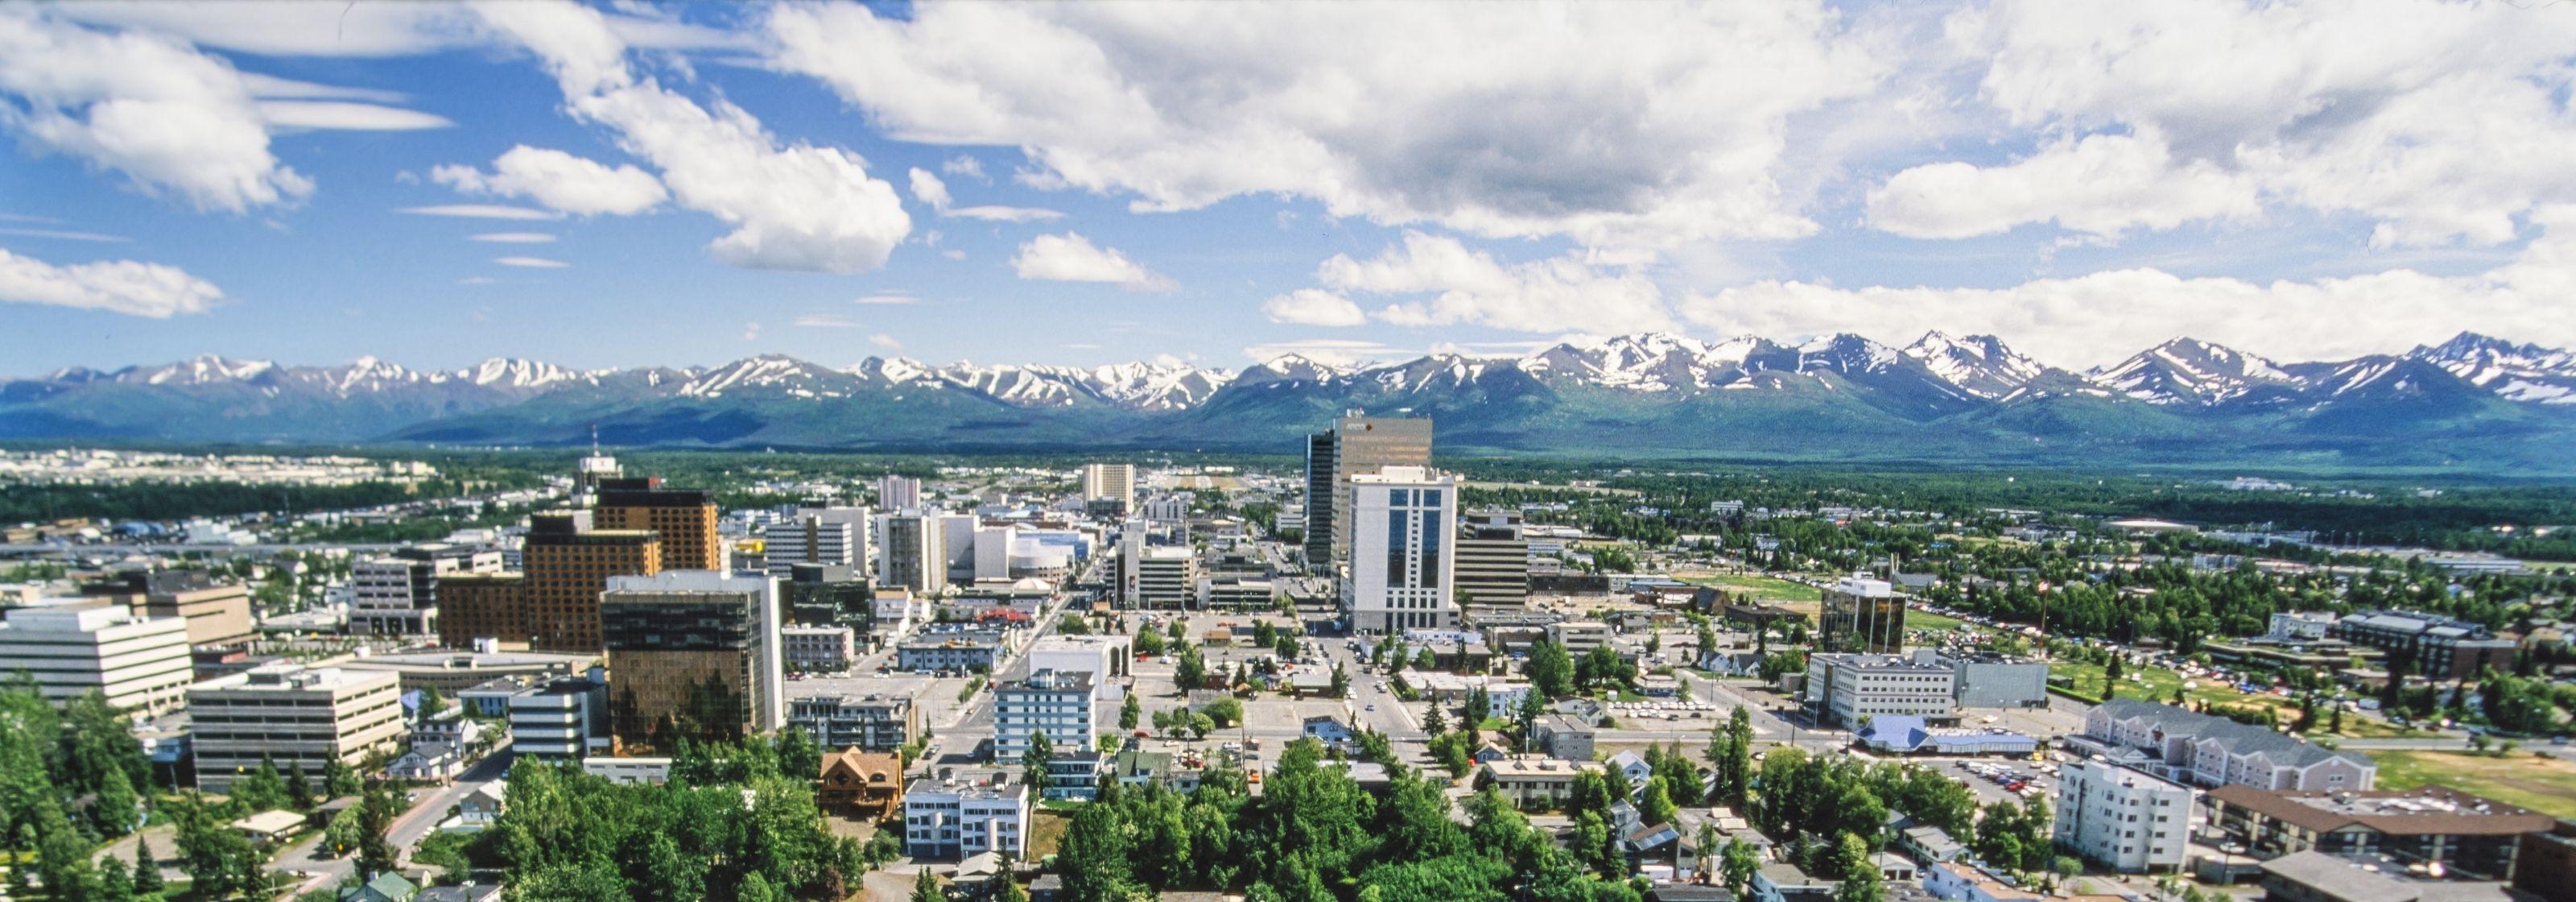 Cose da fare a Anchorage